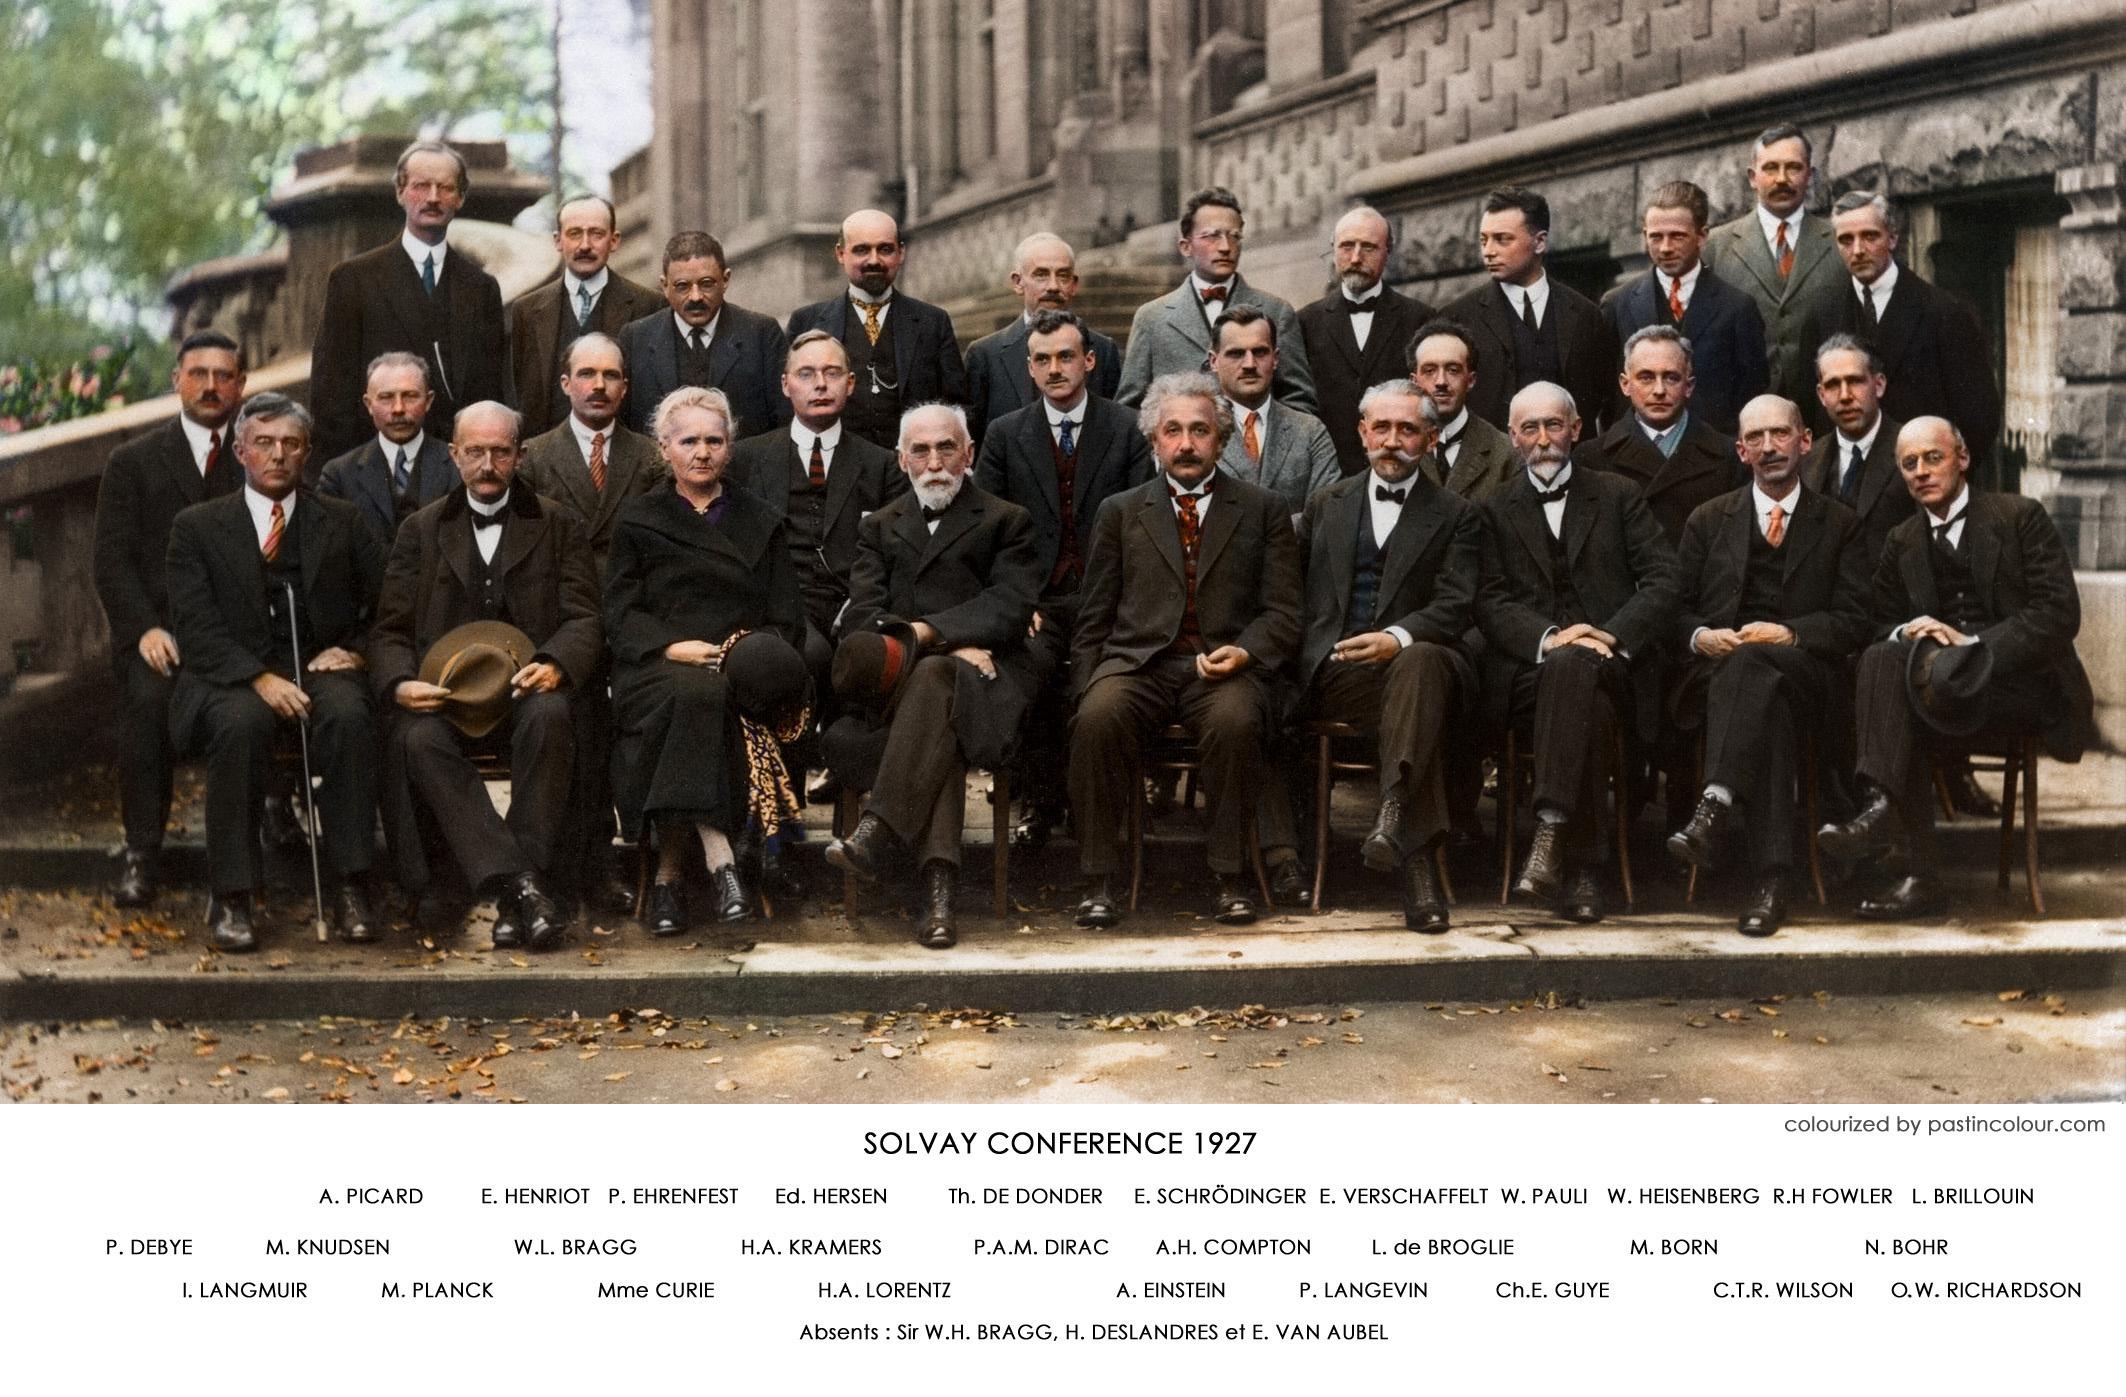 29 efsane bilim insanı tek fotoğrafta, hem de renkli!